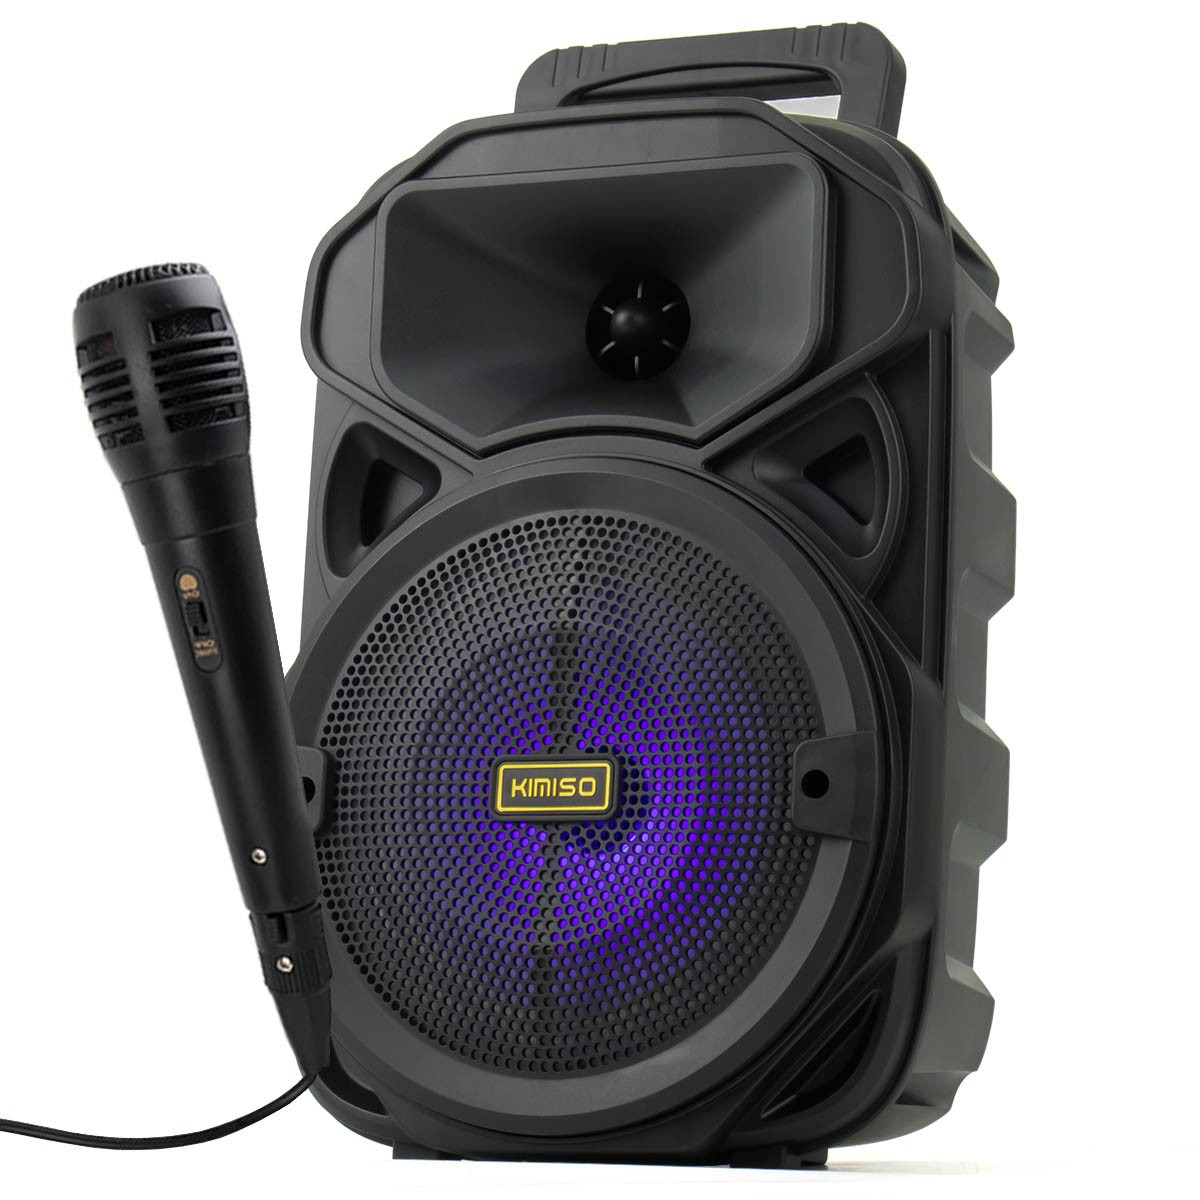 Caixa de Som Bluetooth Portátil 1200 Watts PMPO com Microfone Kimiso KMS-3382